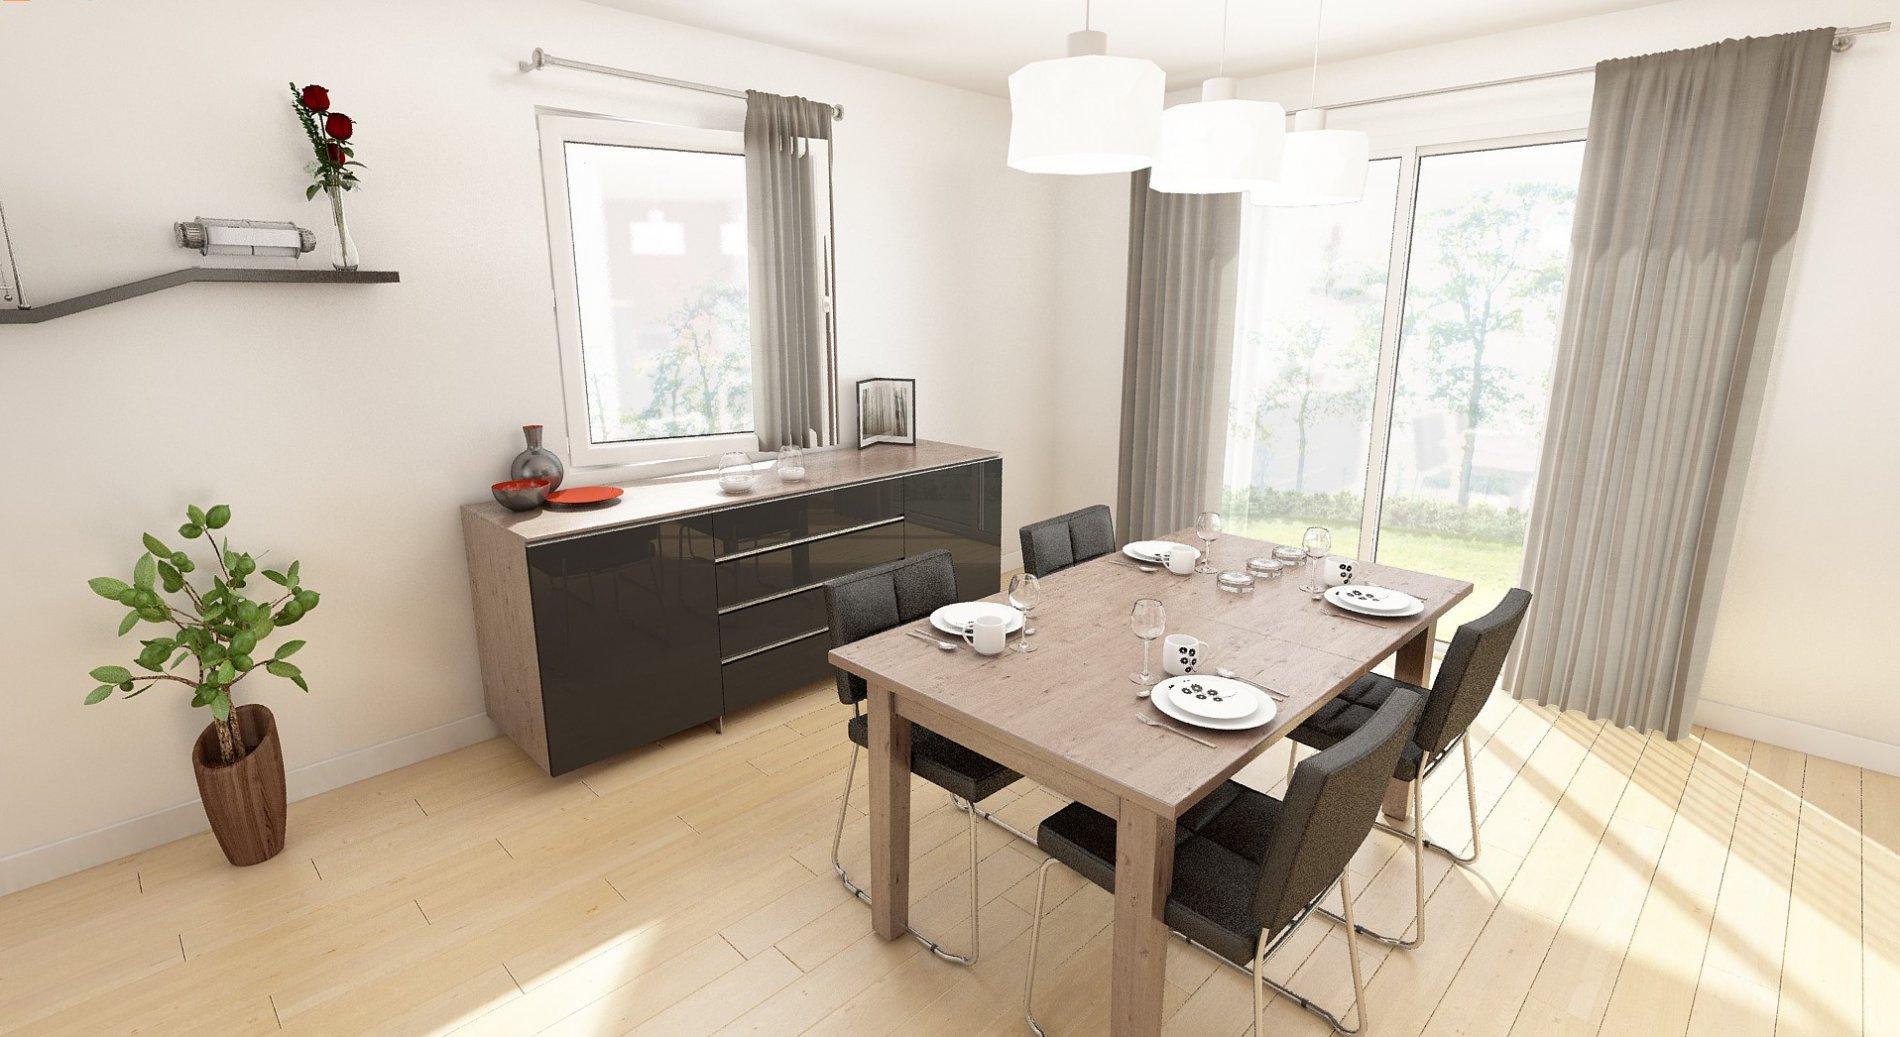 Annonce vente maison seichamps 54280 105 m 229 000 for Vente maison neuve 85